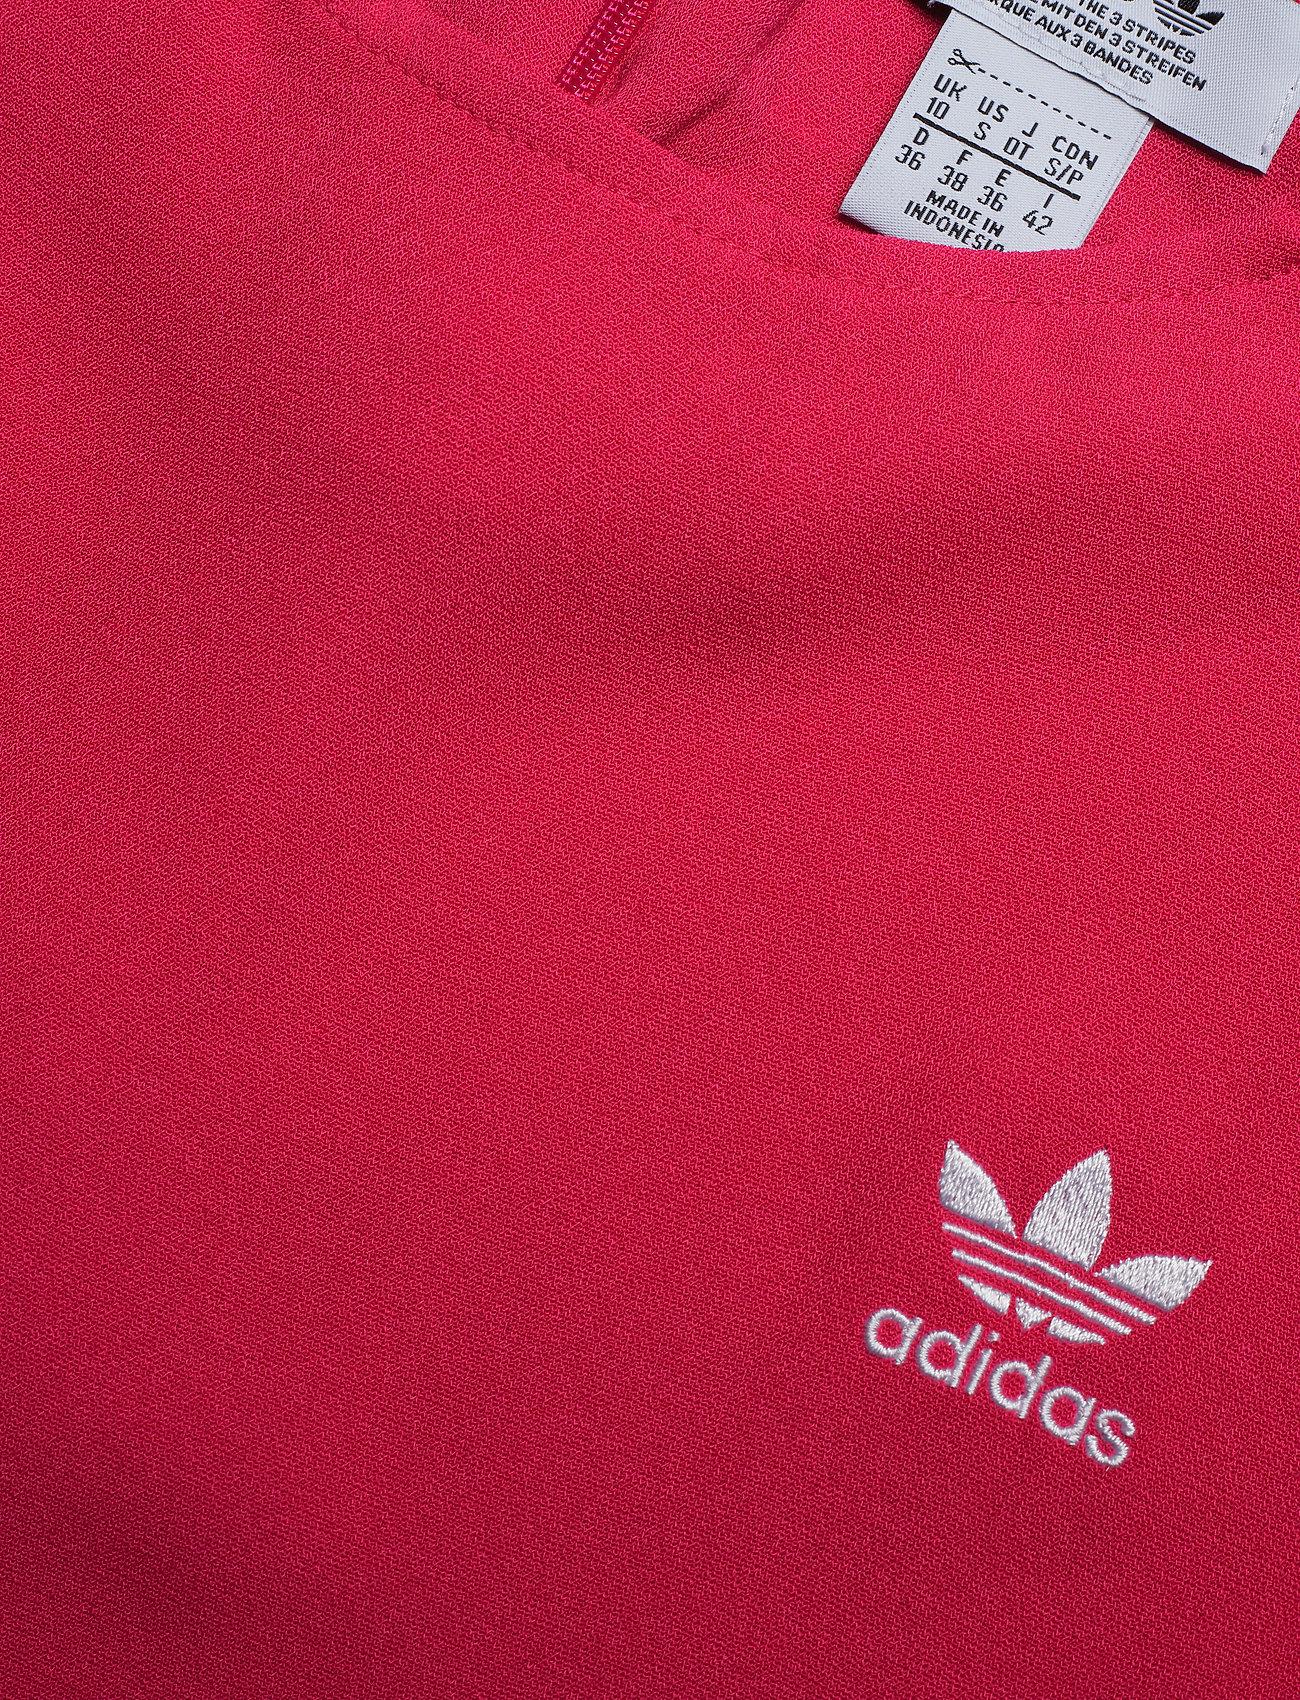 adidas Originals 3 STRIPES TEE - T-shirty i zopy PRIPNK - Kobiety Odzież.